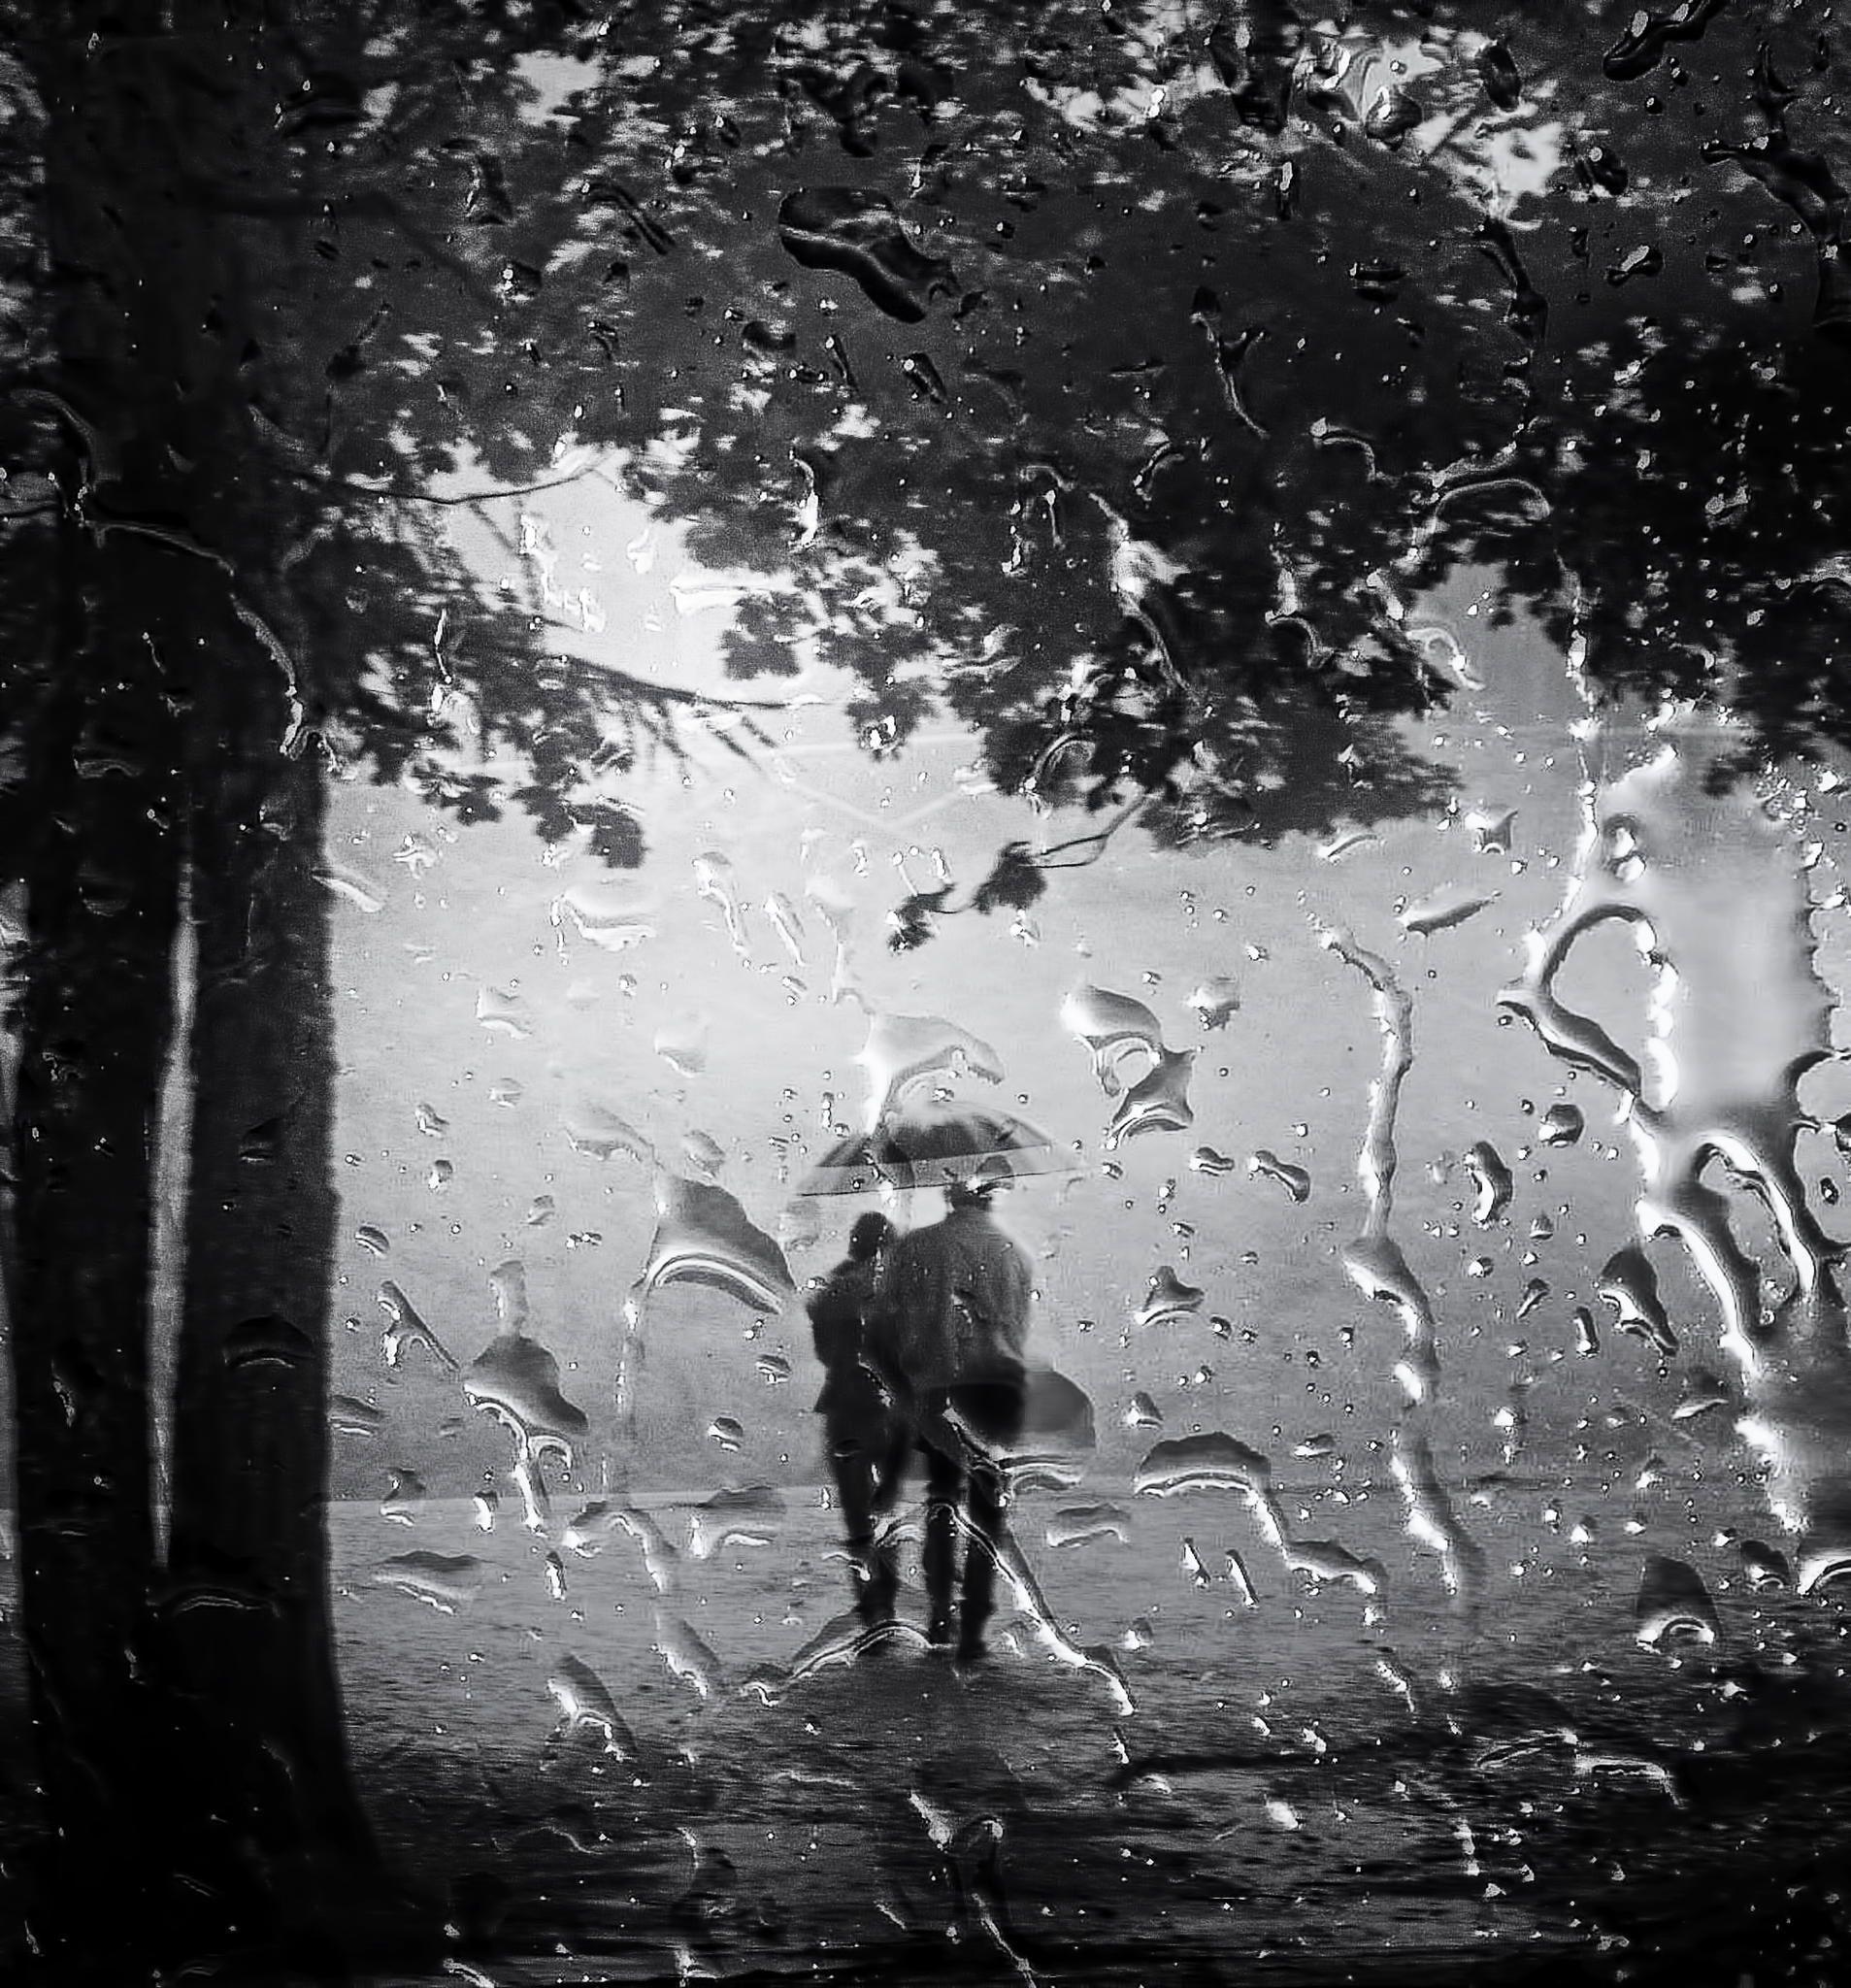 Картинках, двое под дождем картинки фото черно-белые